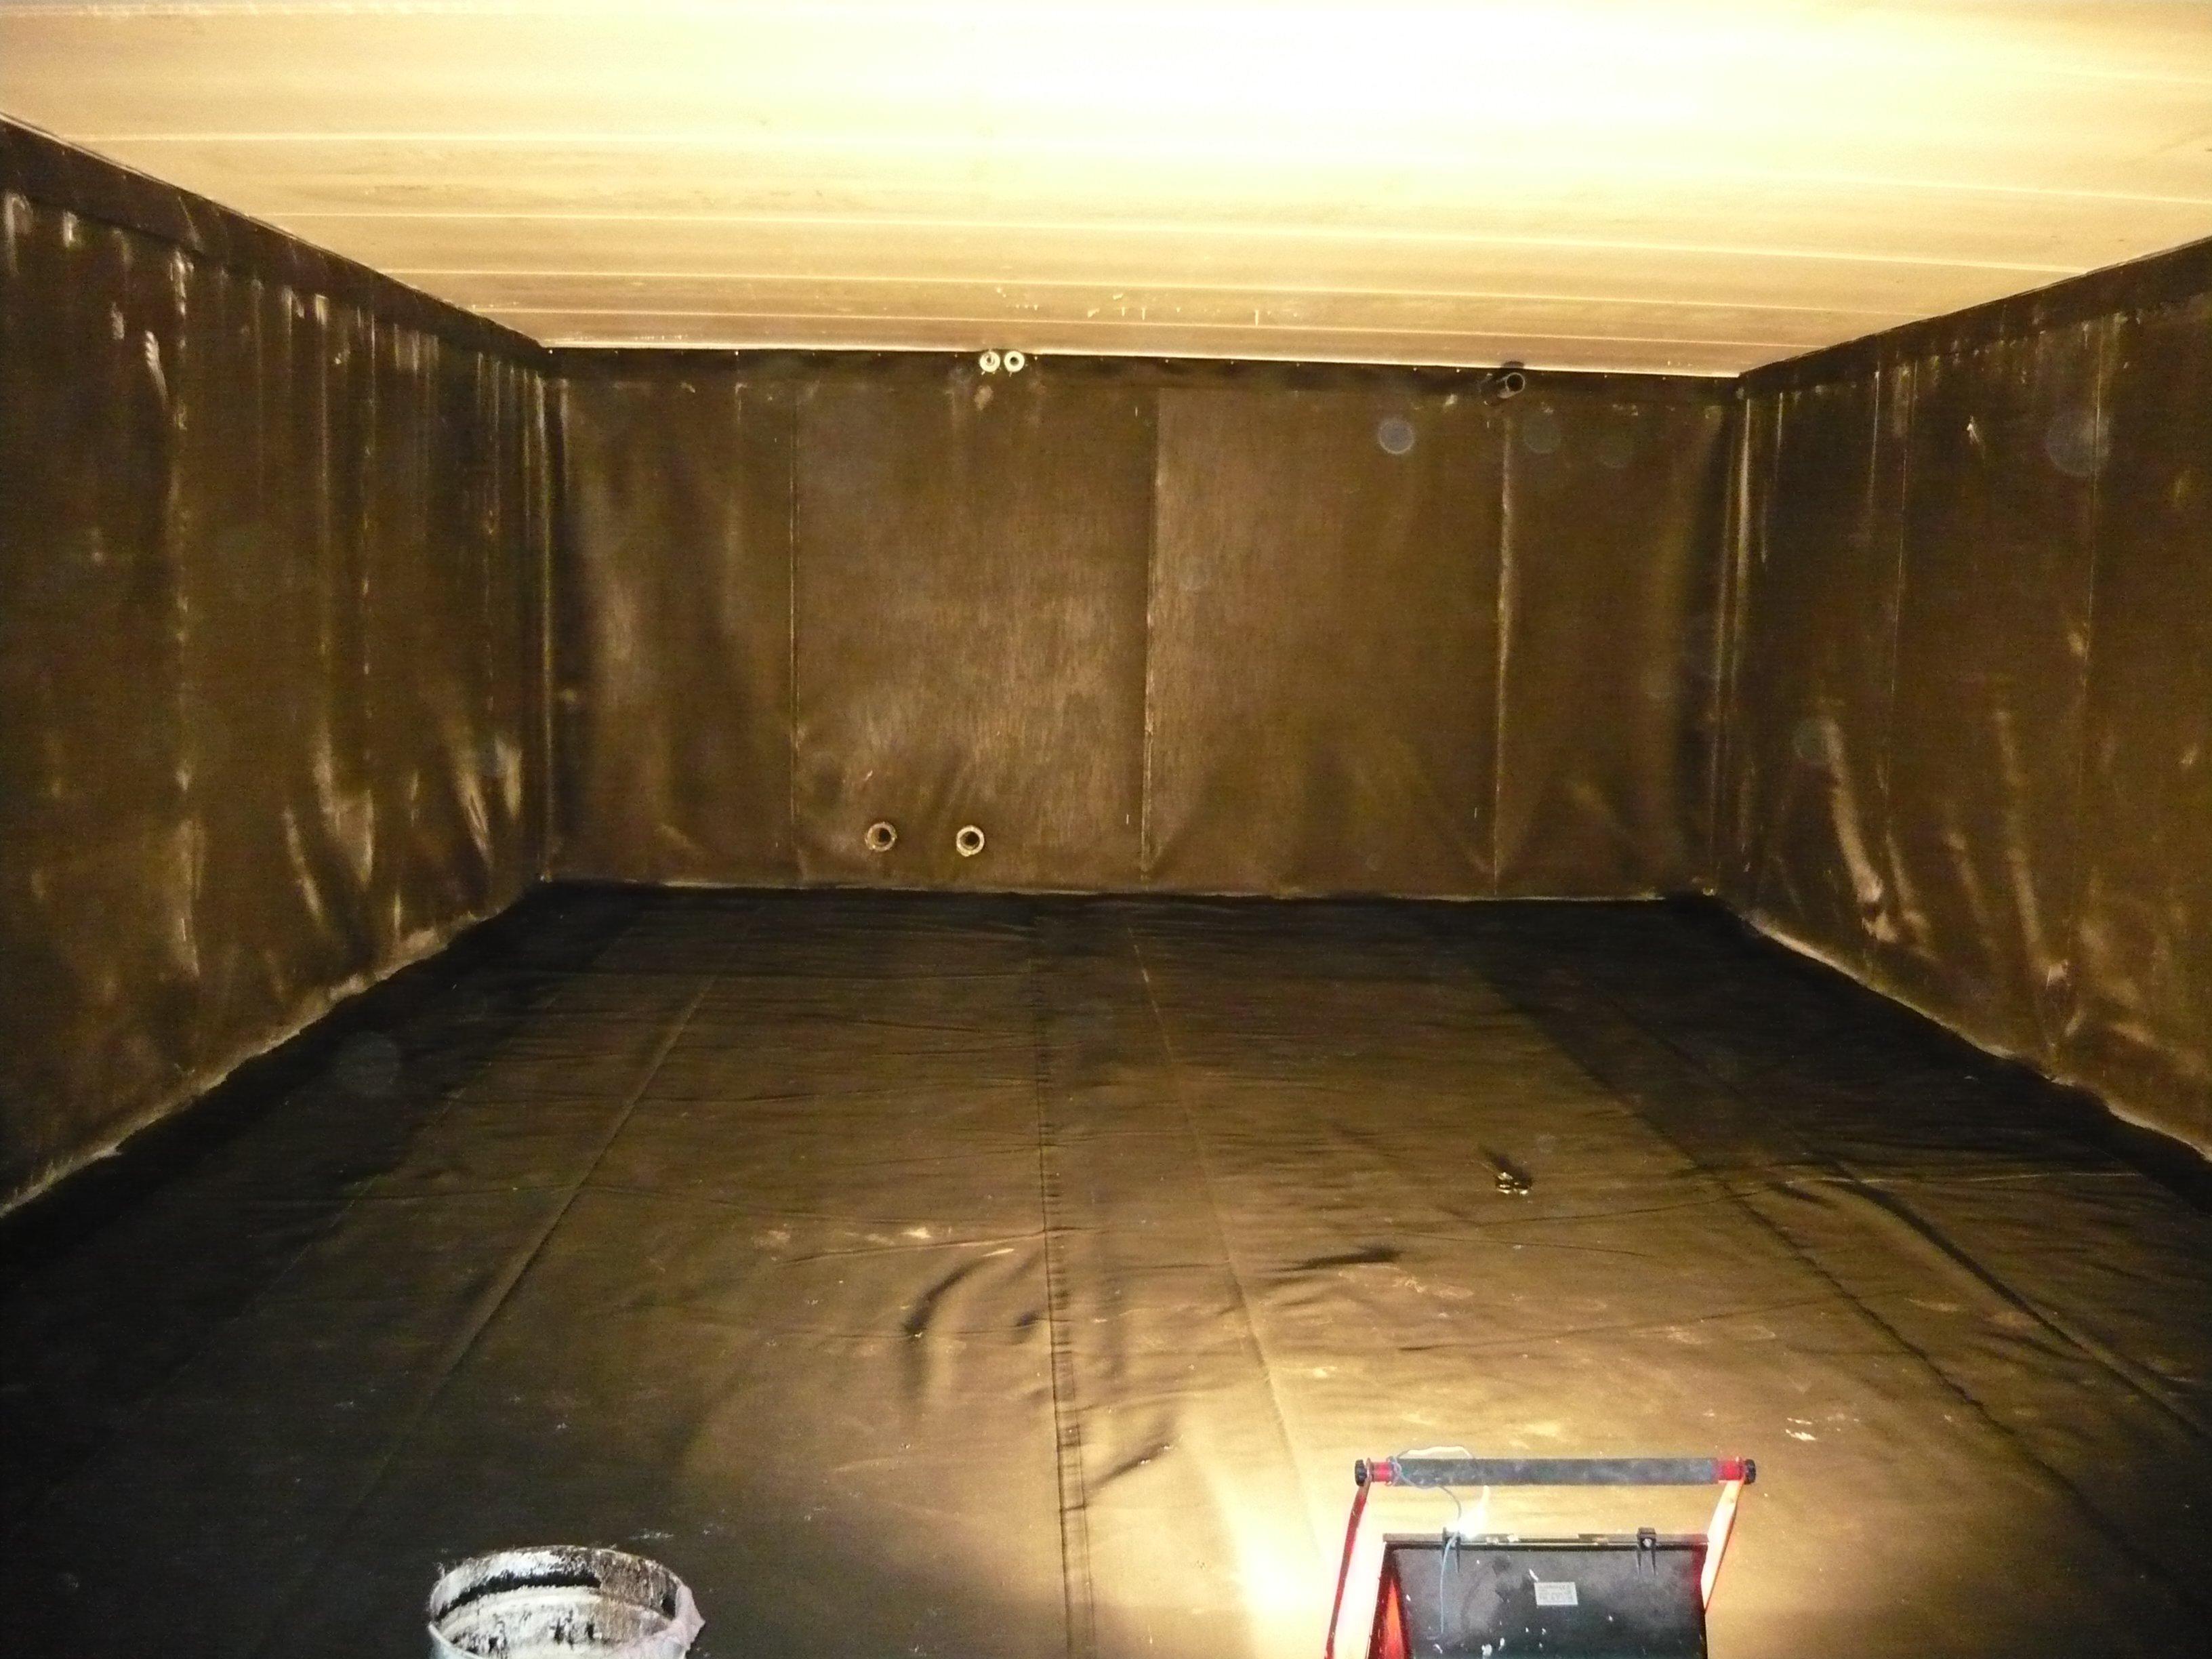 stanza con teli sulle pareti